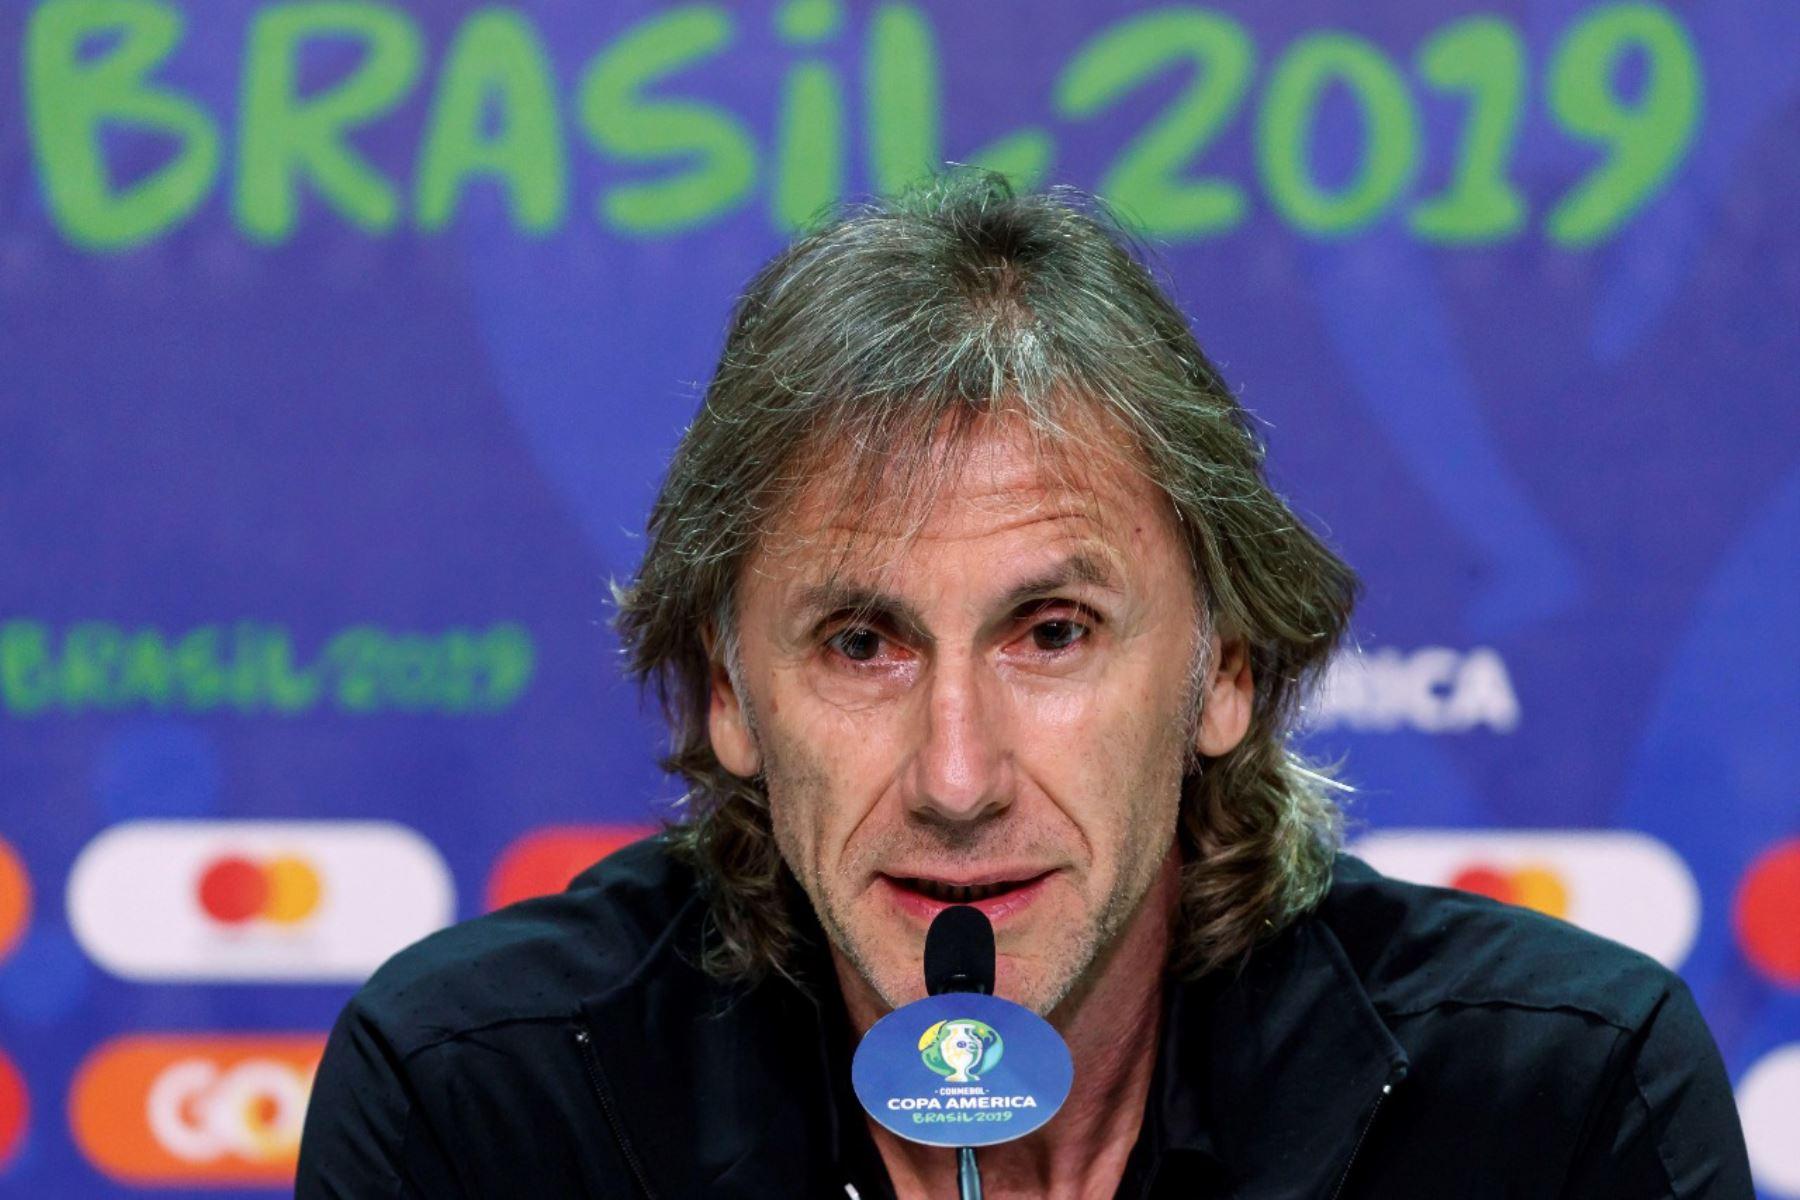 El entrenador de la selección peruana de fútbol el argentino Ricardo Gareca participa en una rueda de prensa este viernes en el estadio Arena do Gremio, como parte de la Copa América 2019, en la ciudad de Porto Alegre (Brasil). EFE/José Méndez